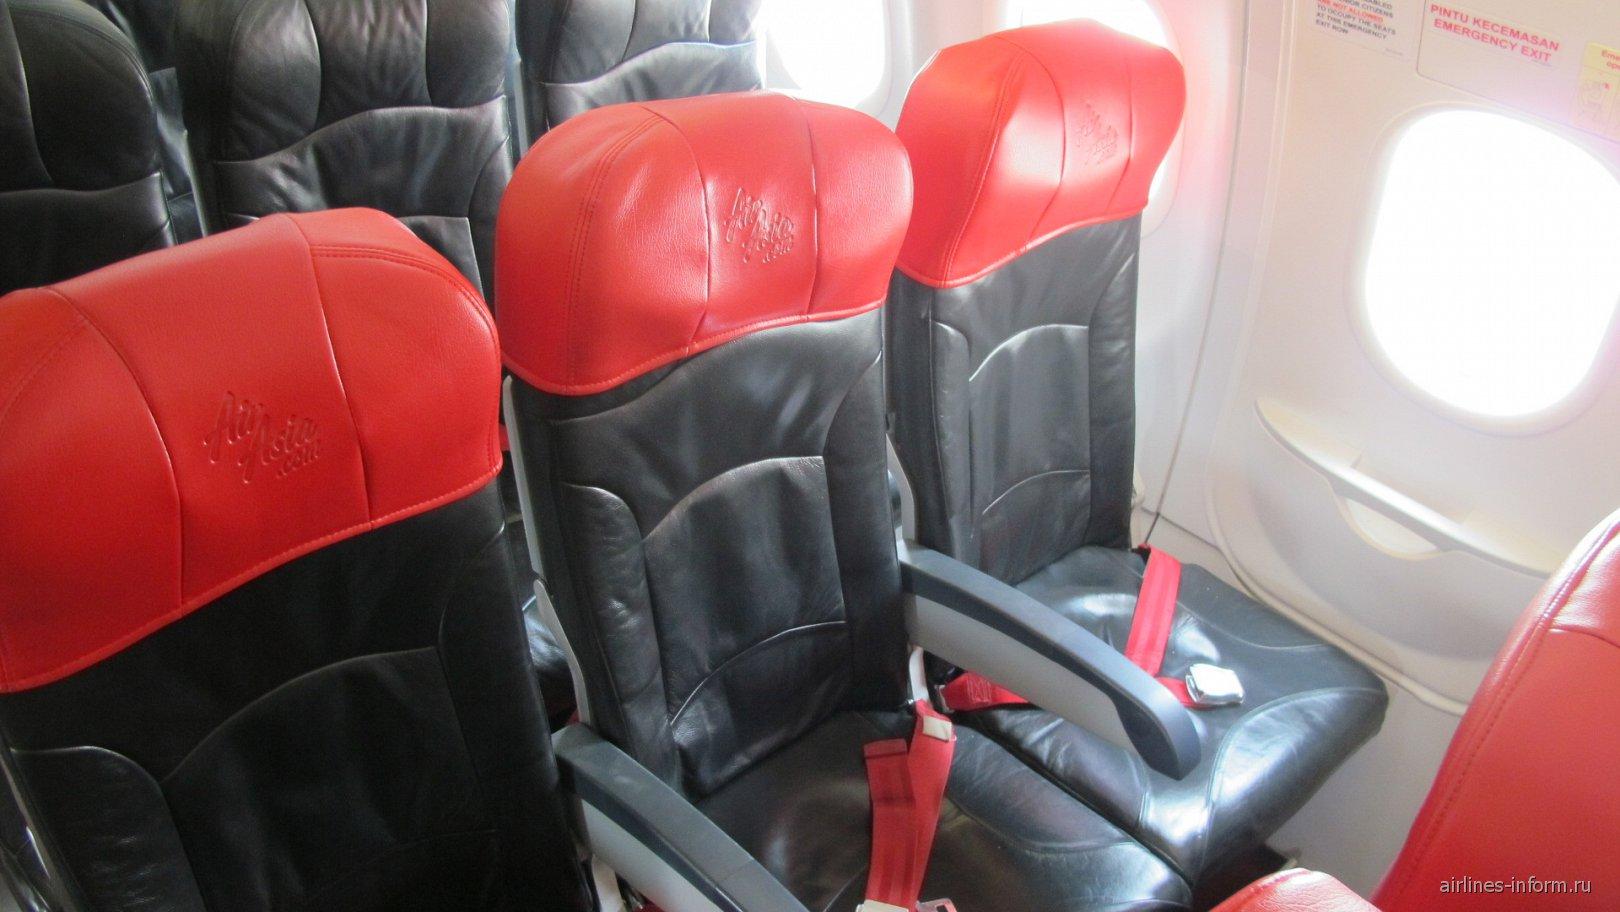 Кресла с повышенным шагом (Hot Seats) в самолете авиакомпании AirAsia